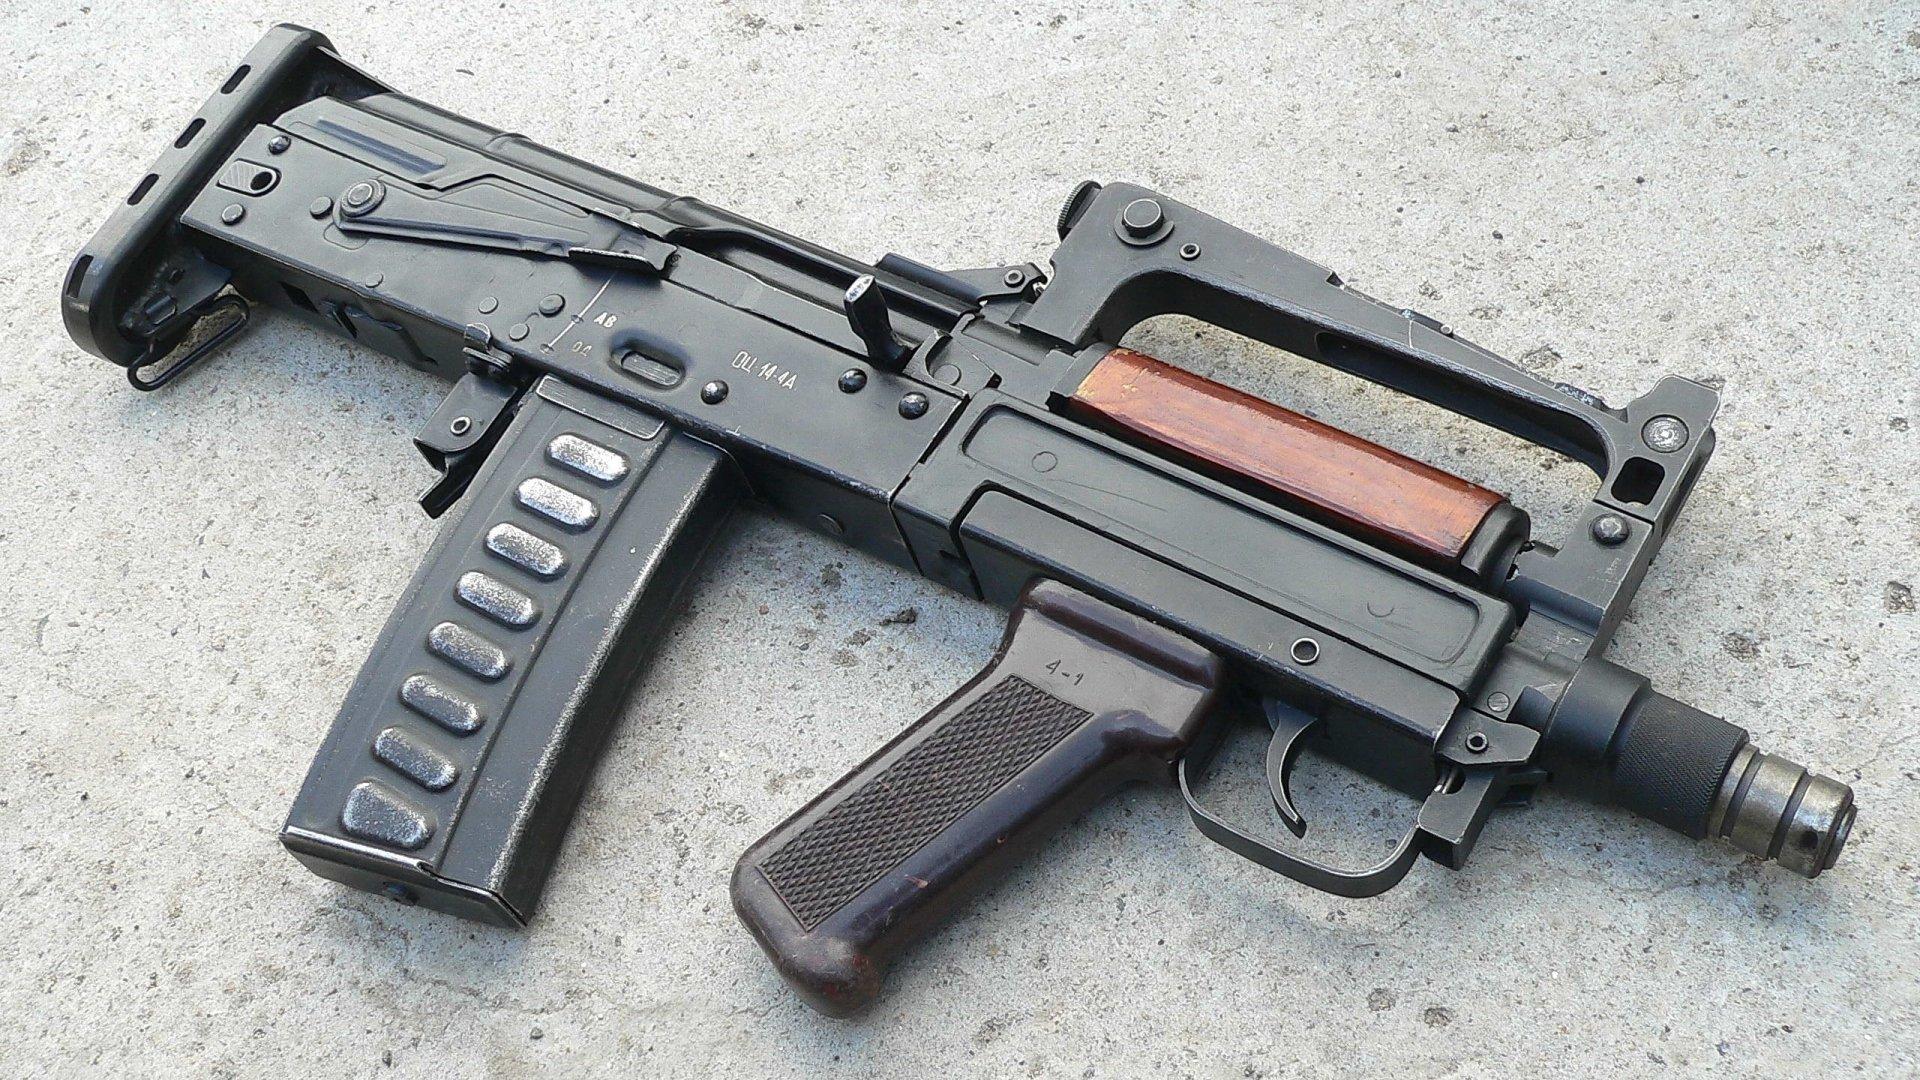 87+ Gambar Weapon Ff Kekinian